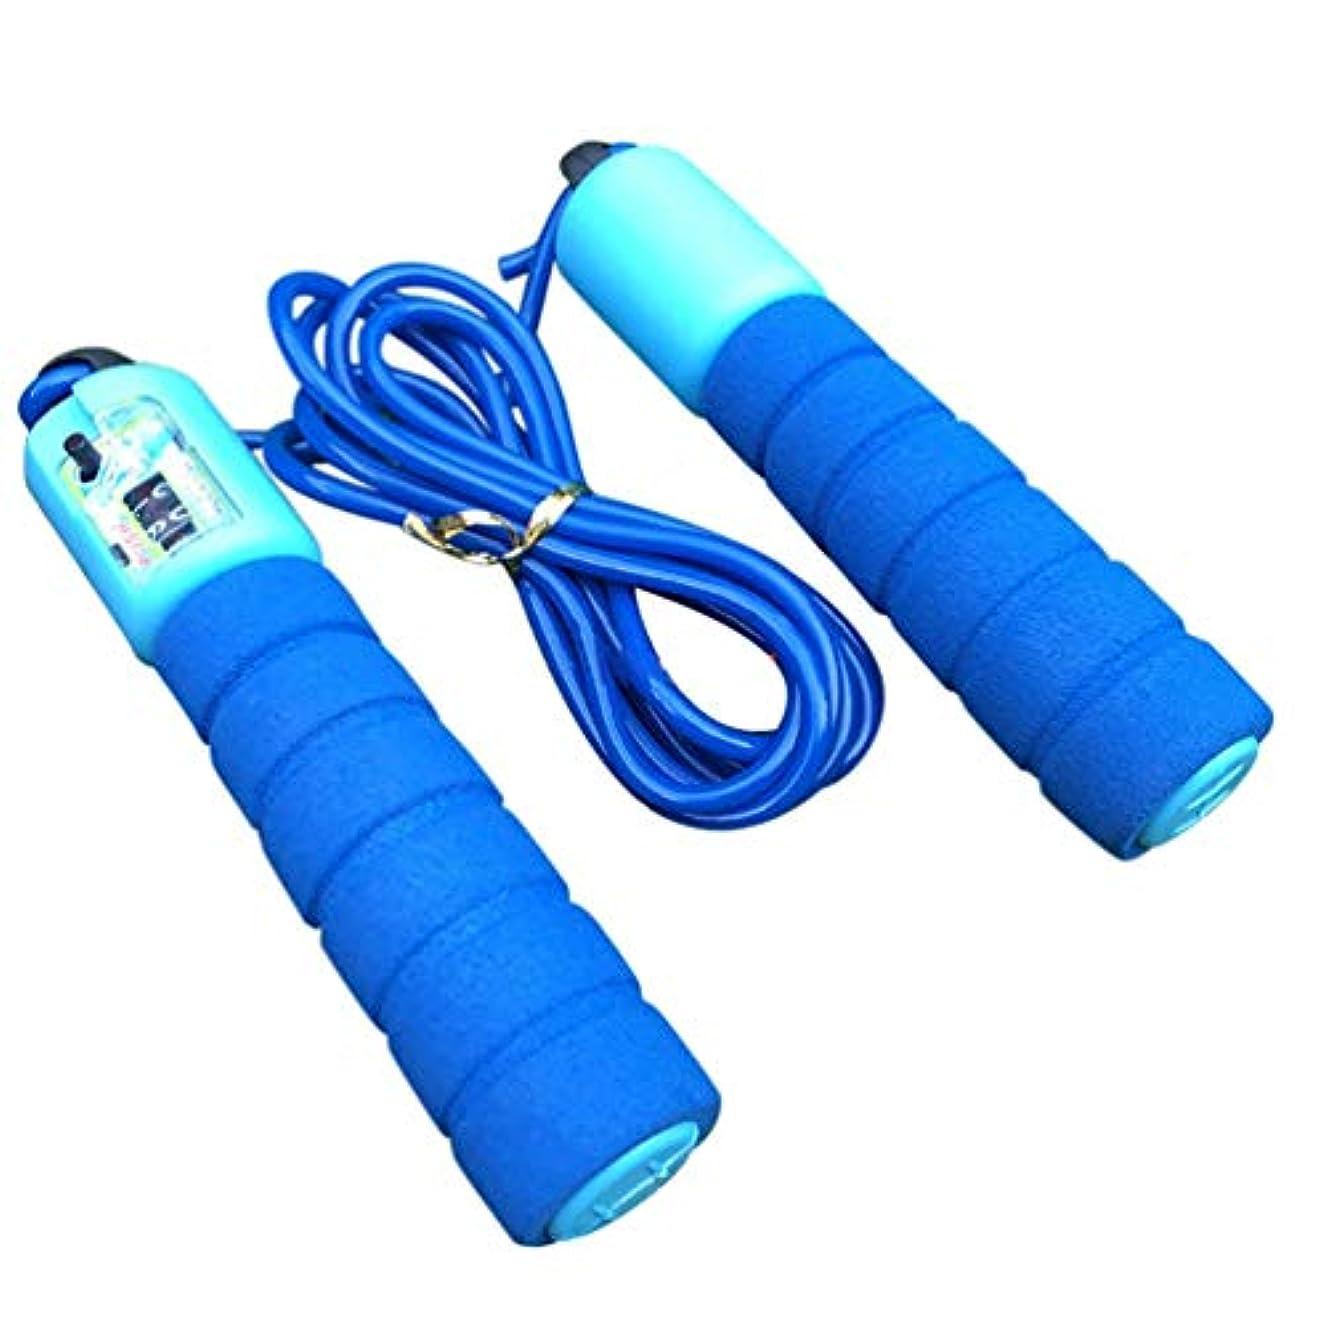 規模価格ゴールド調整可能なプロフェッショナルカウント縄跳び自動カウントジャンプロープフィットネス運動高速カウントジャンプロープ - 青